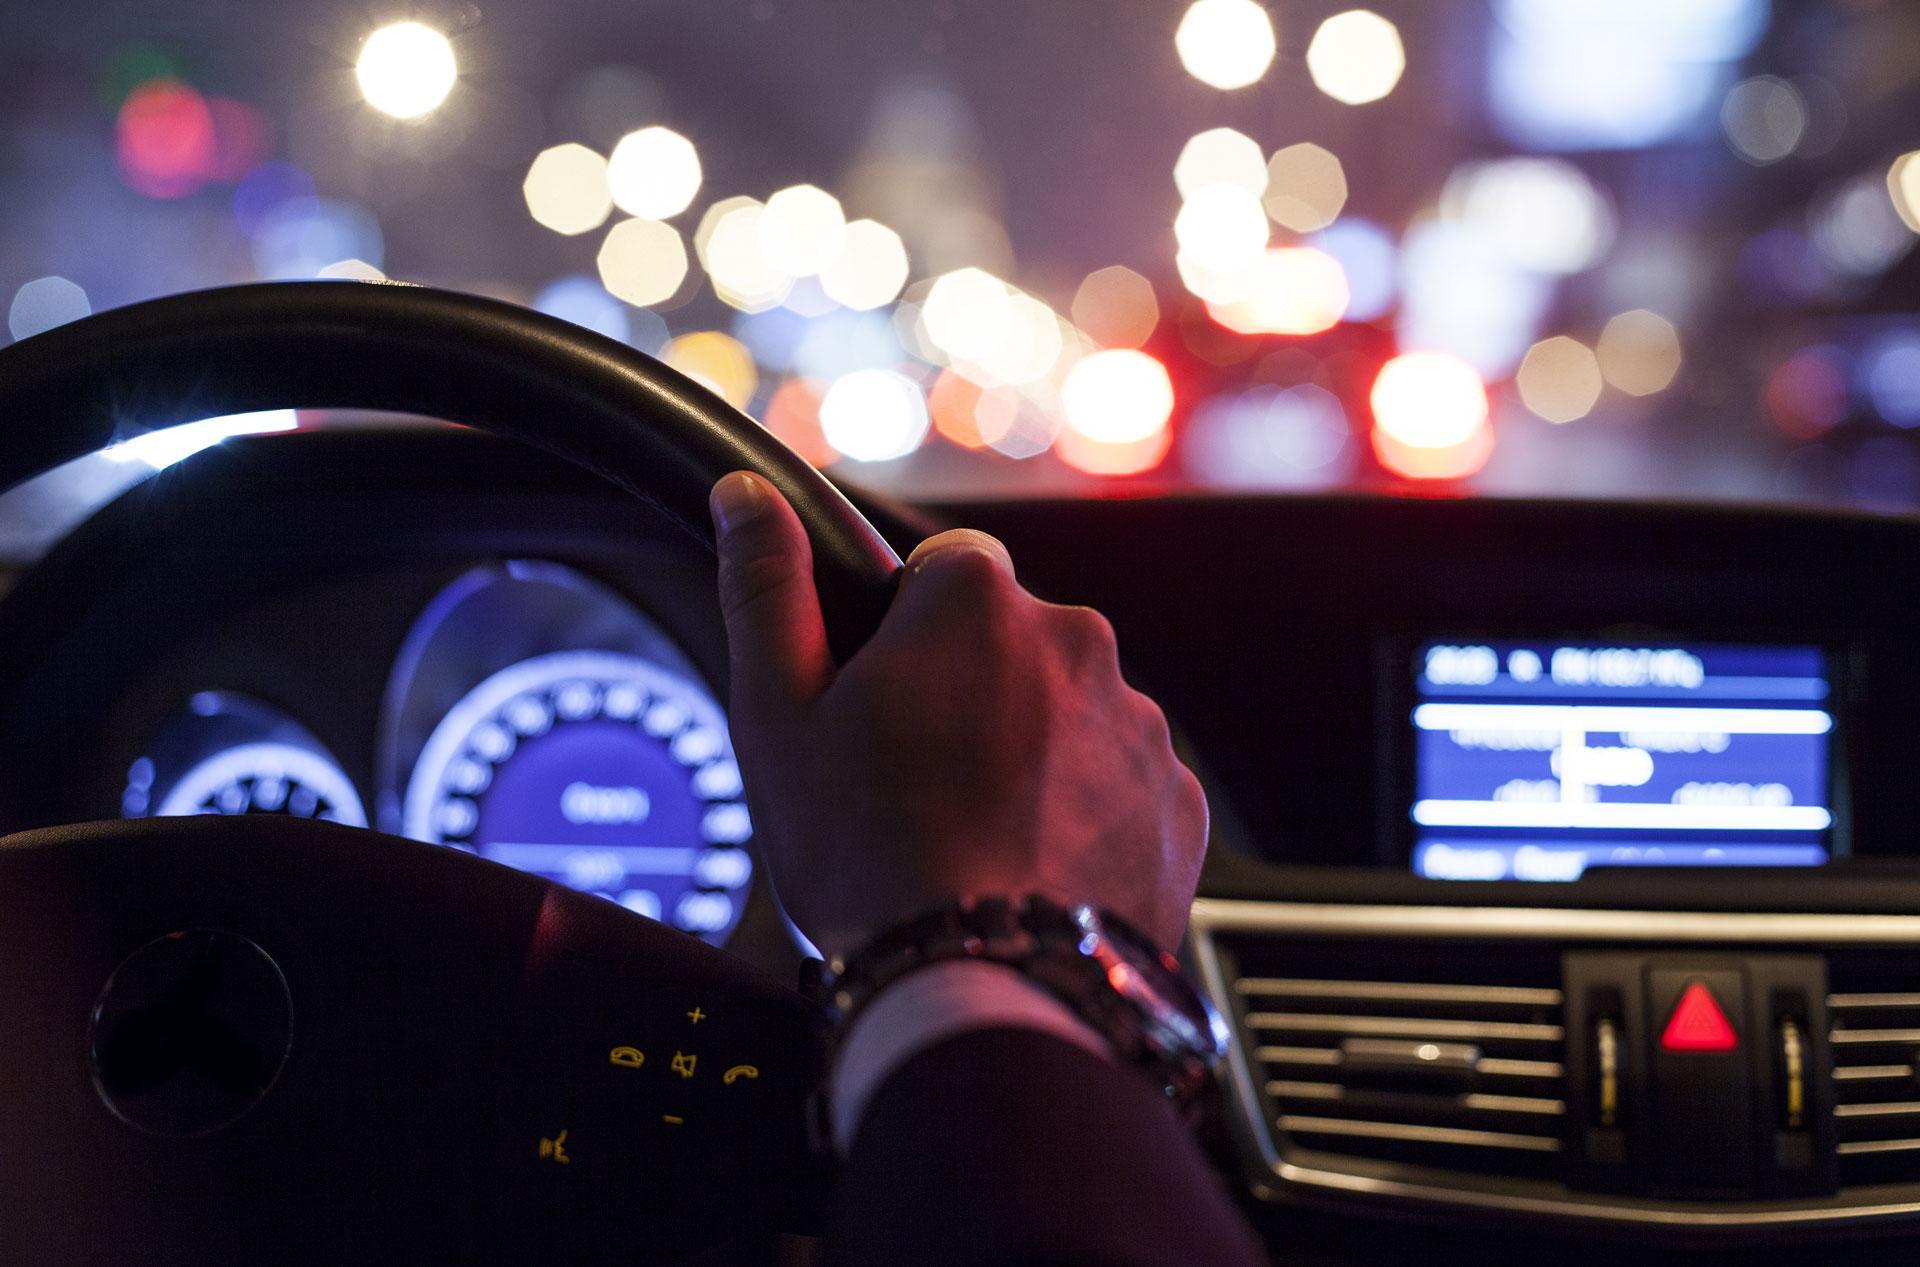 Dashboard by night